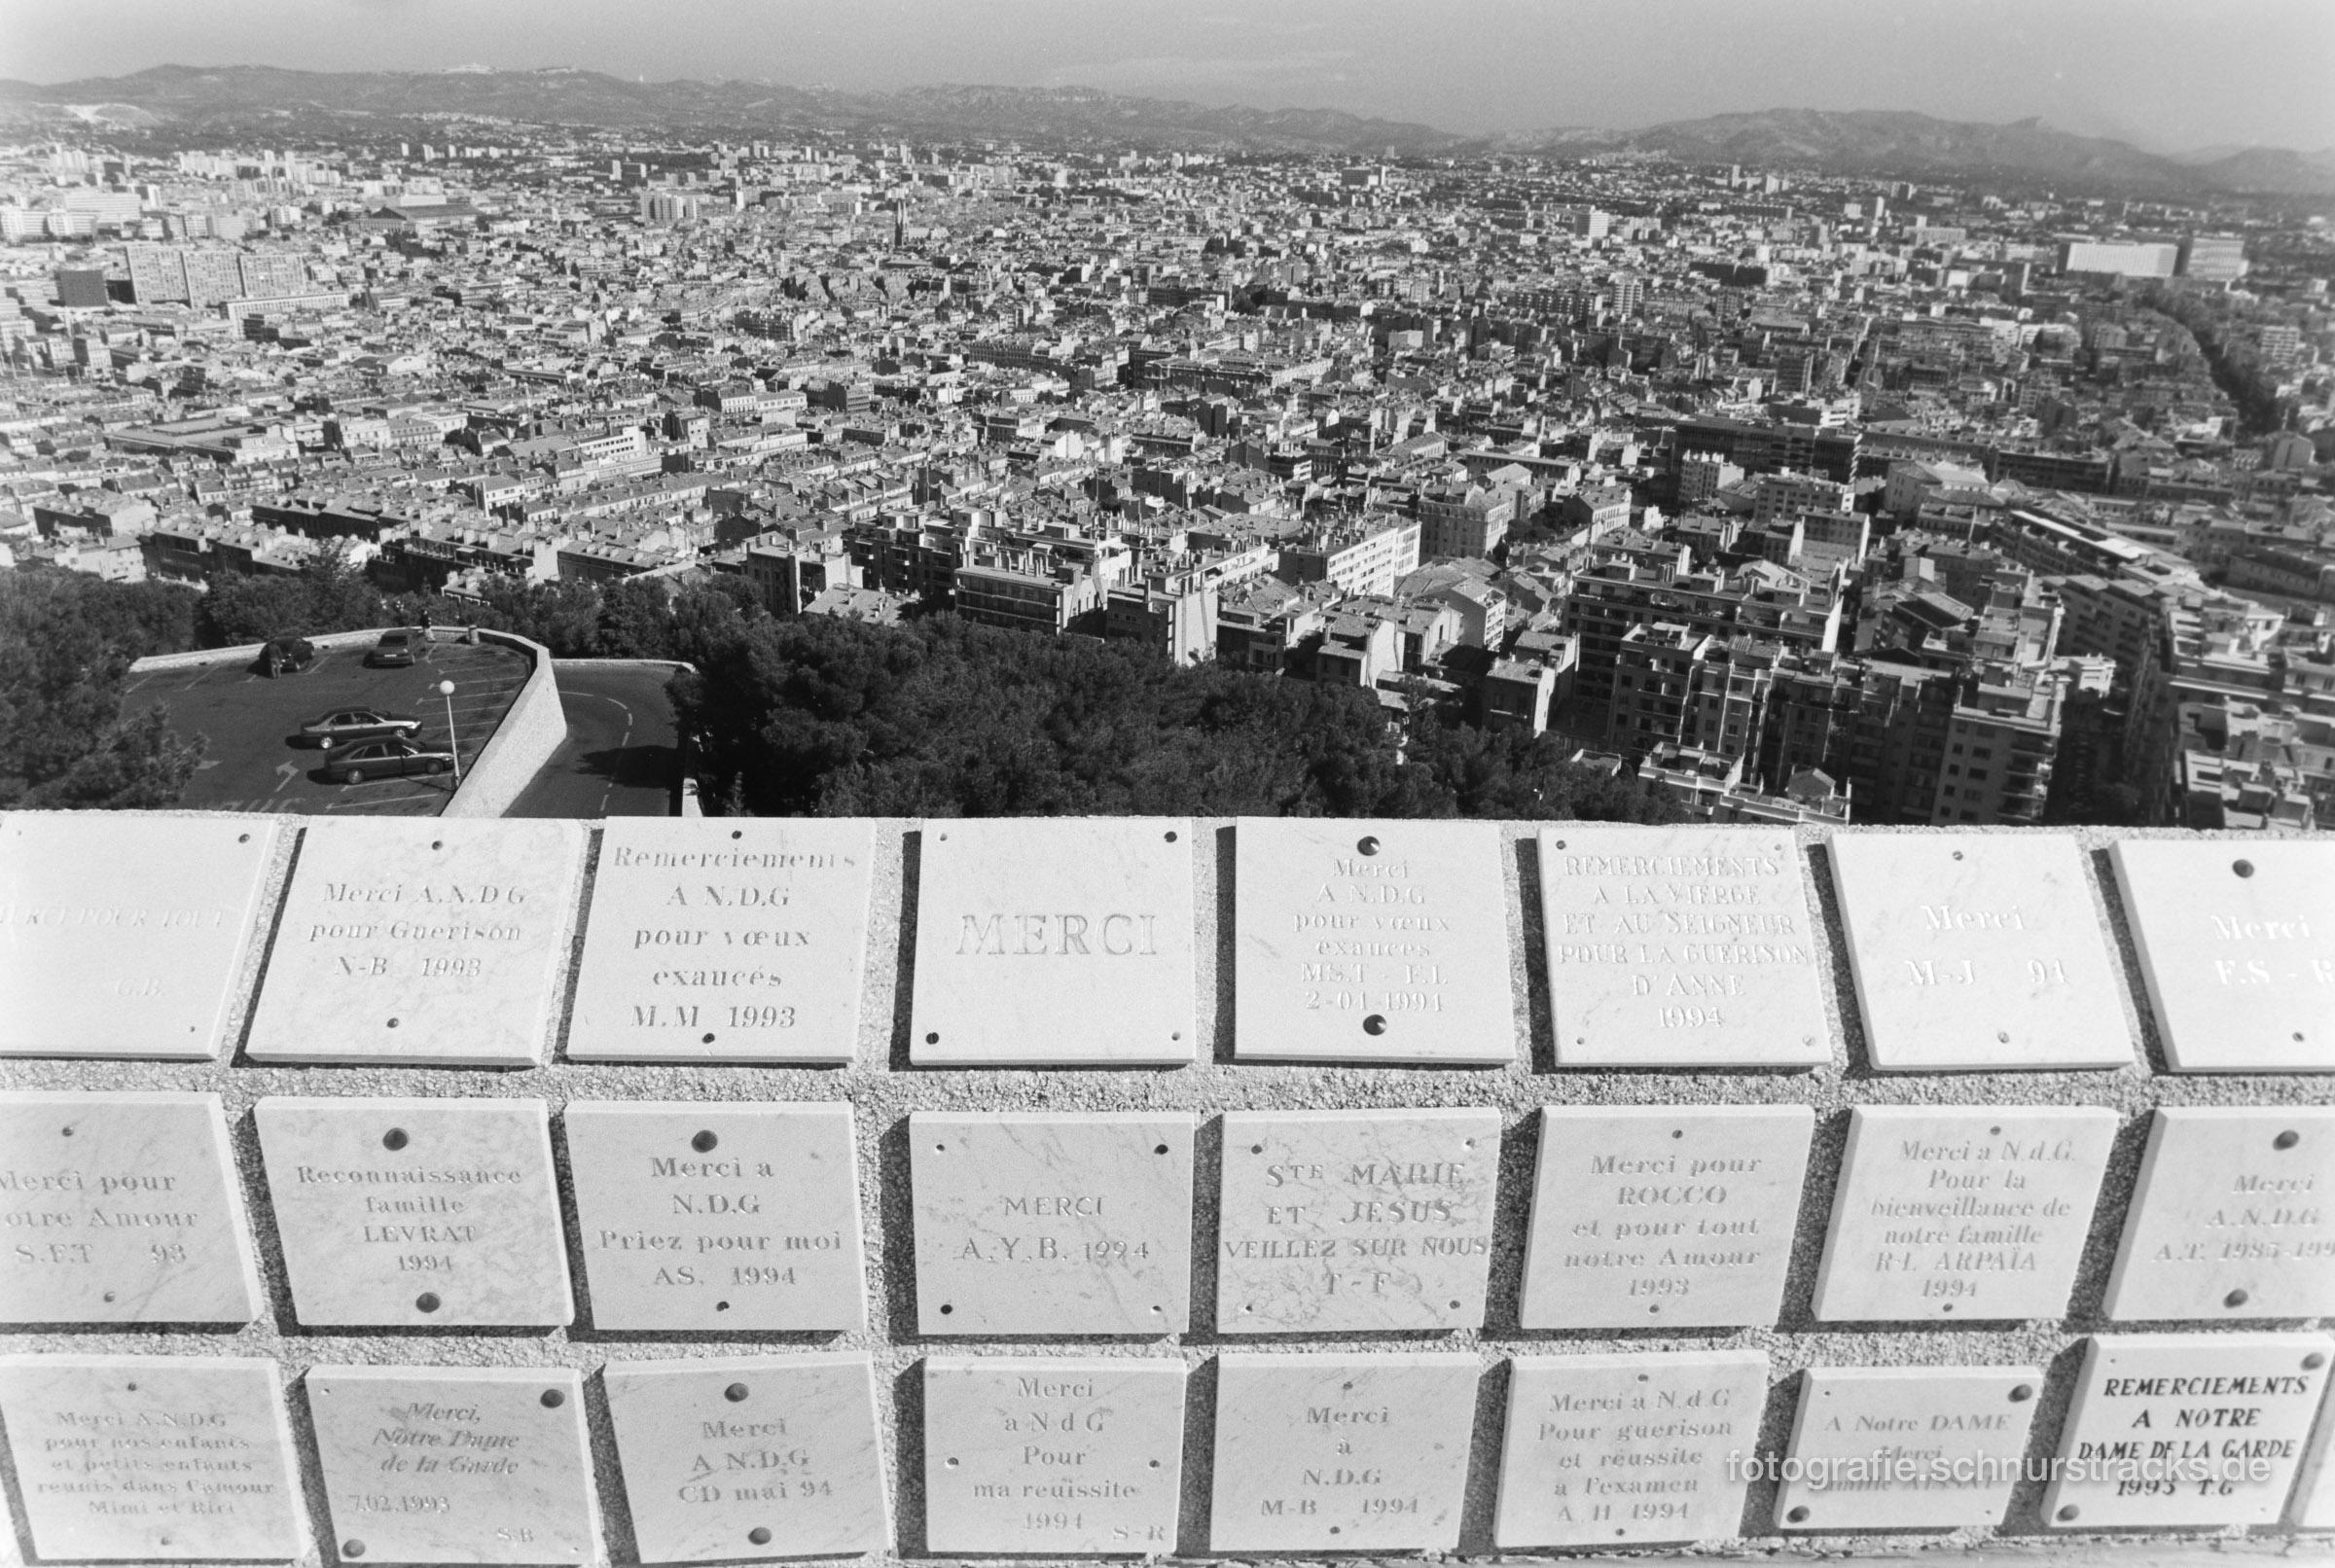 Gedenktafeln Marseille N.D.G.